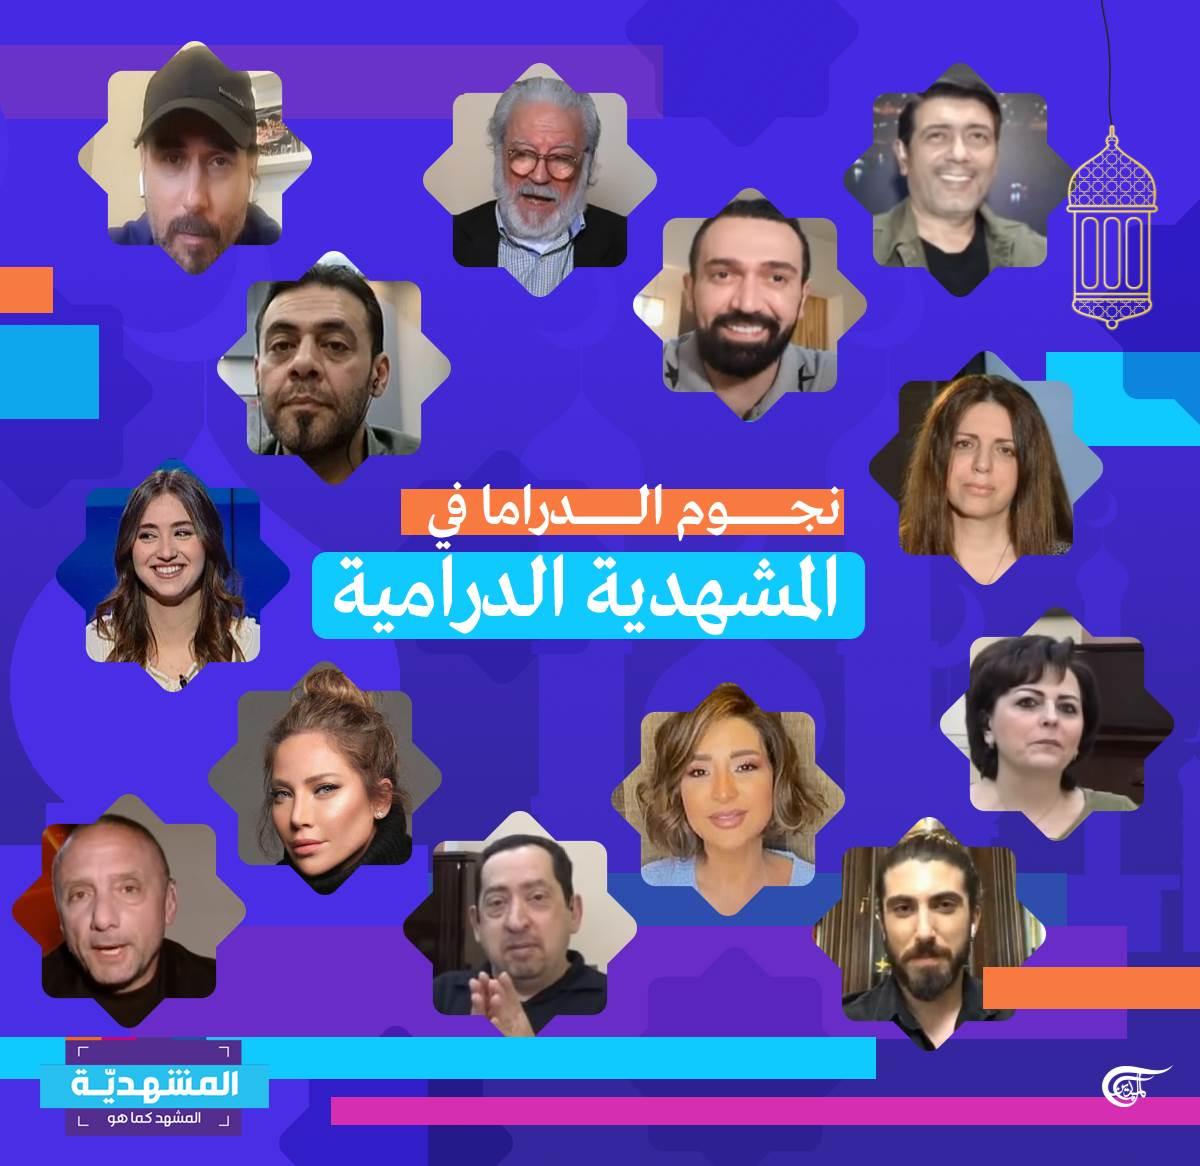 """ممثلون ومخرجون وقصص تُروى.. """"المشهدية"""" يواكب الدراما العربية"""